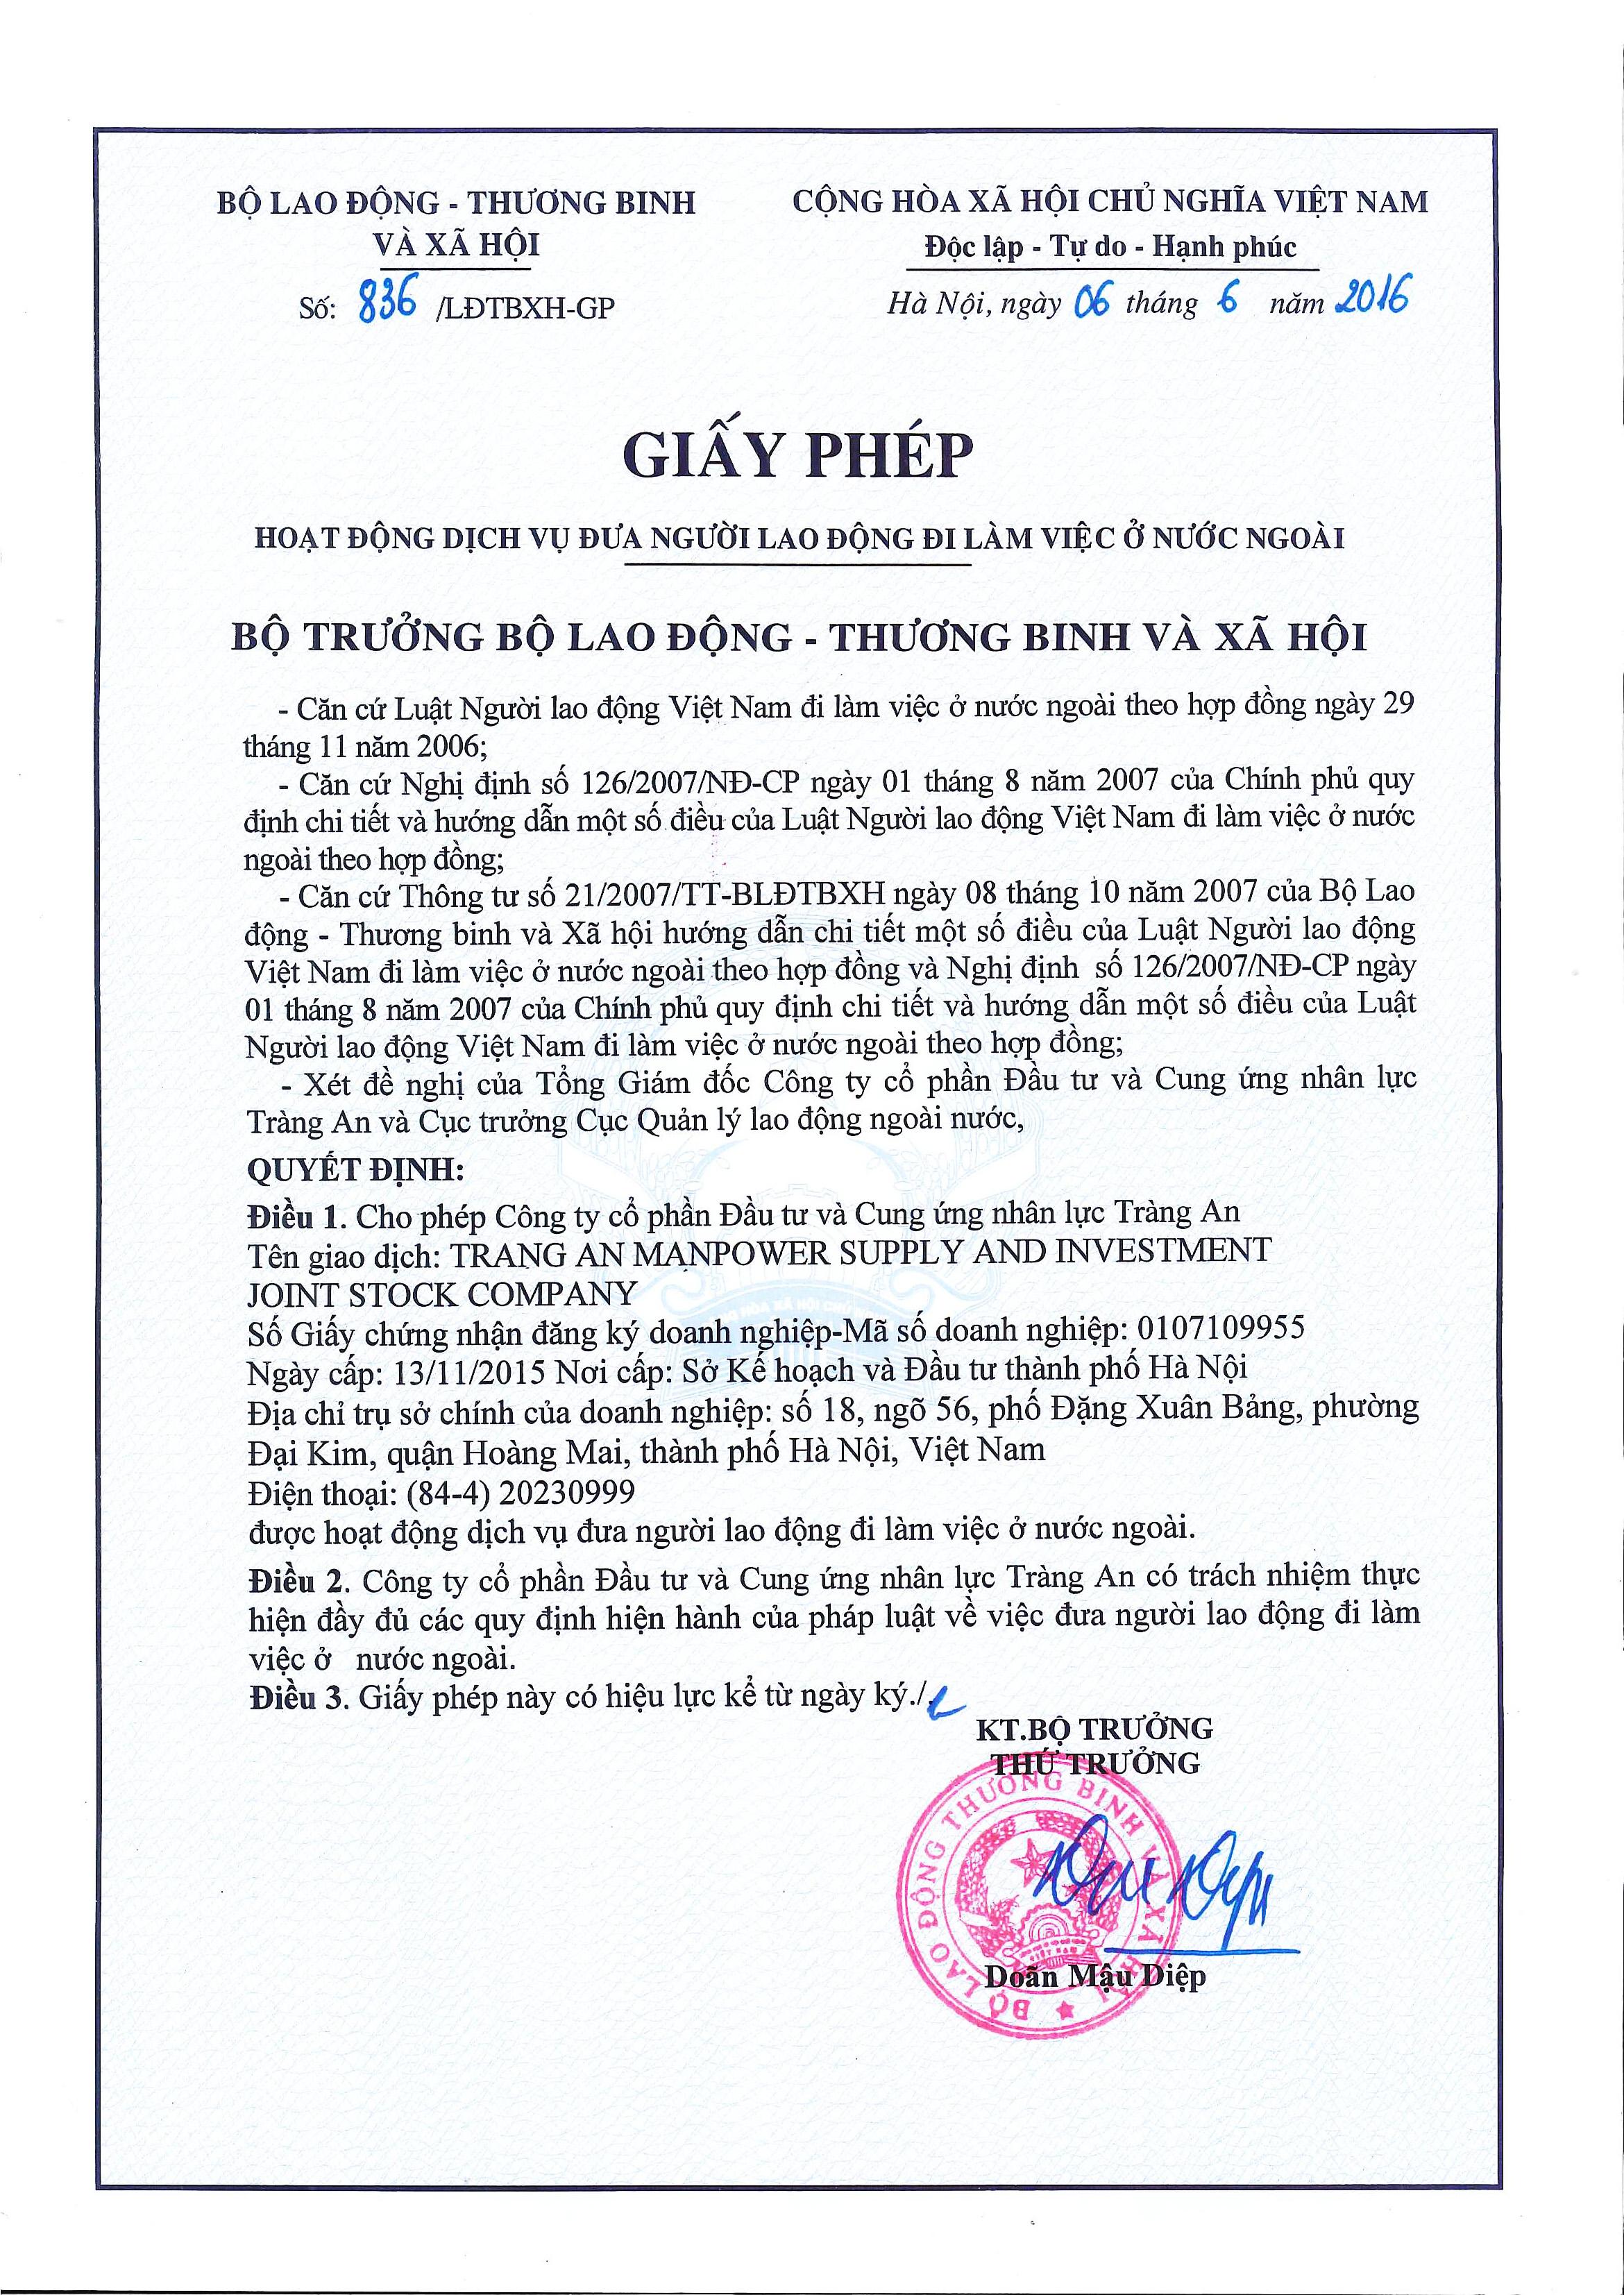 giay-phep